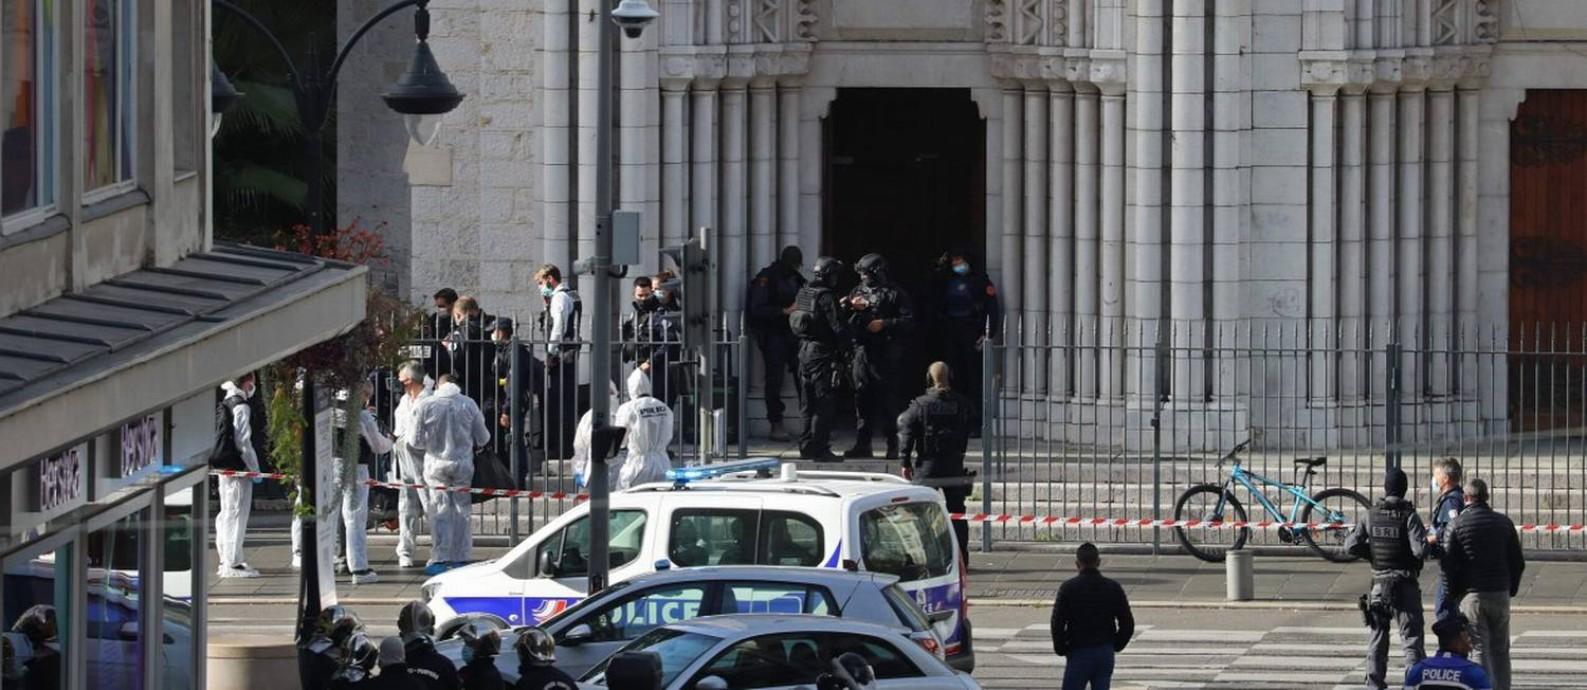 Policias de elite isolam região da Basílica de Notre Dame, em Nice, após ataque Foto: VALERY HACHE / AFP